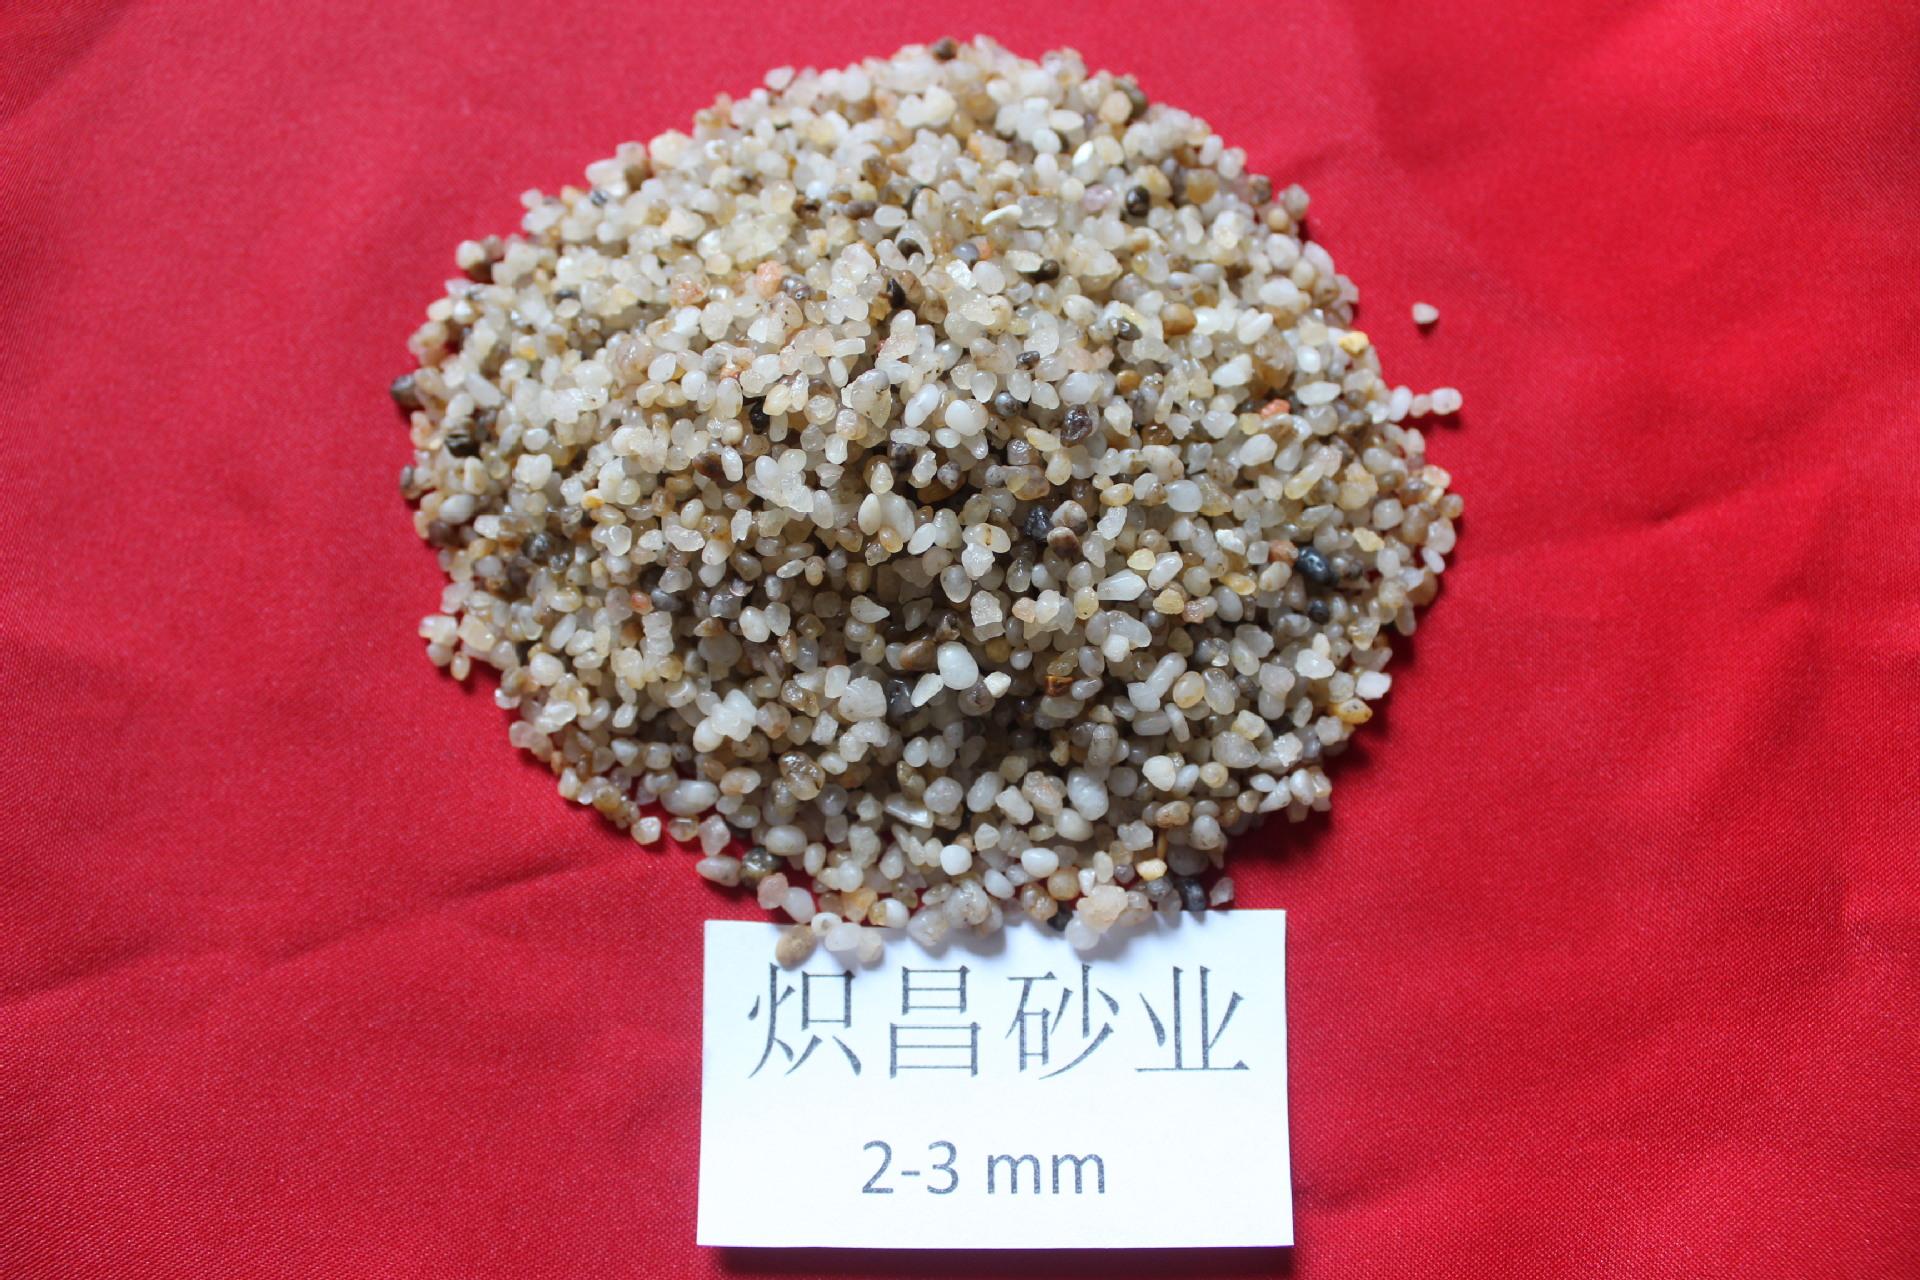 供应福建石英砂 各种规格